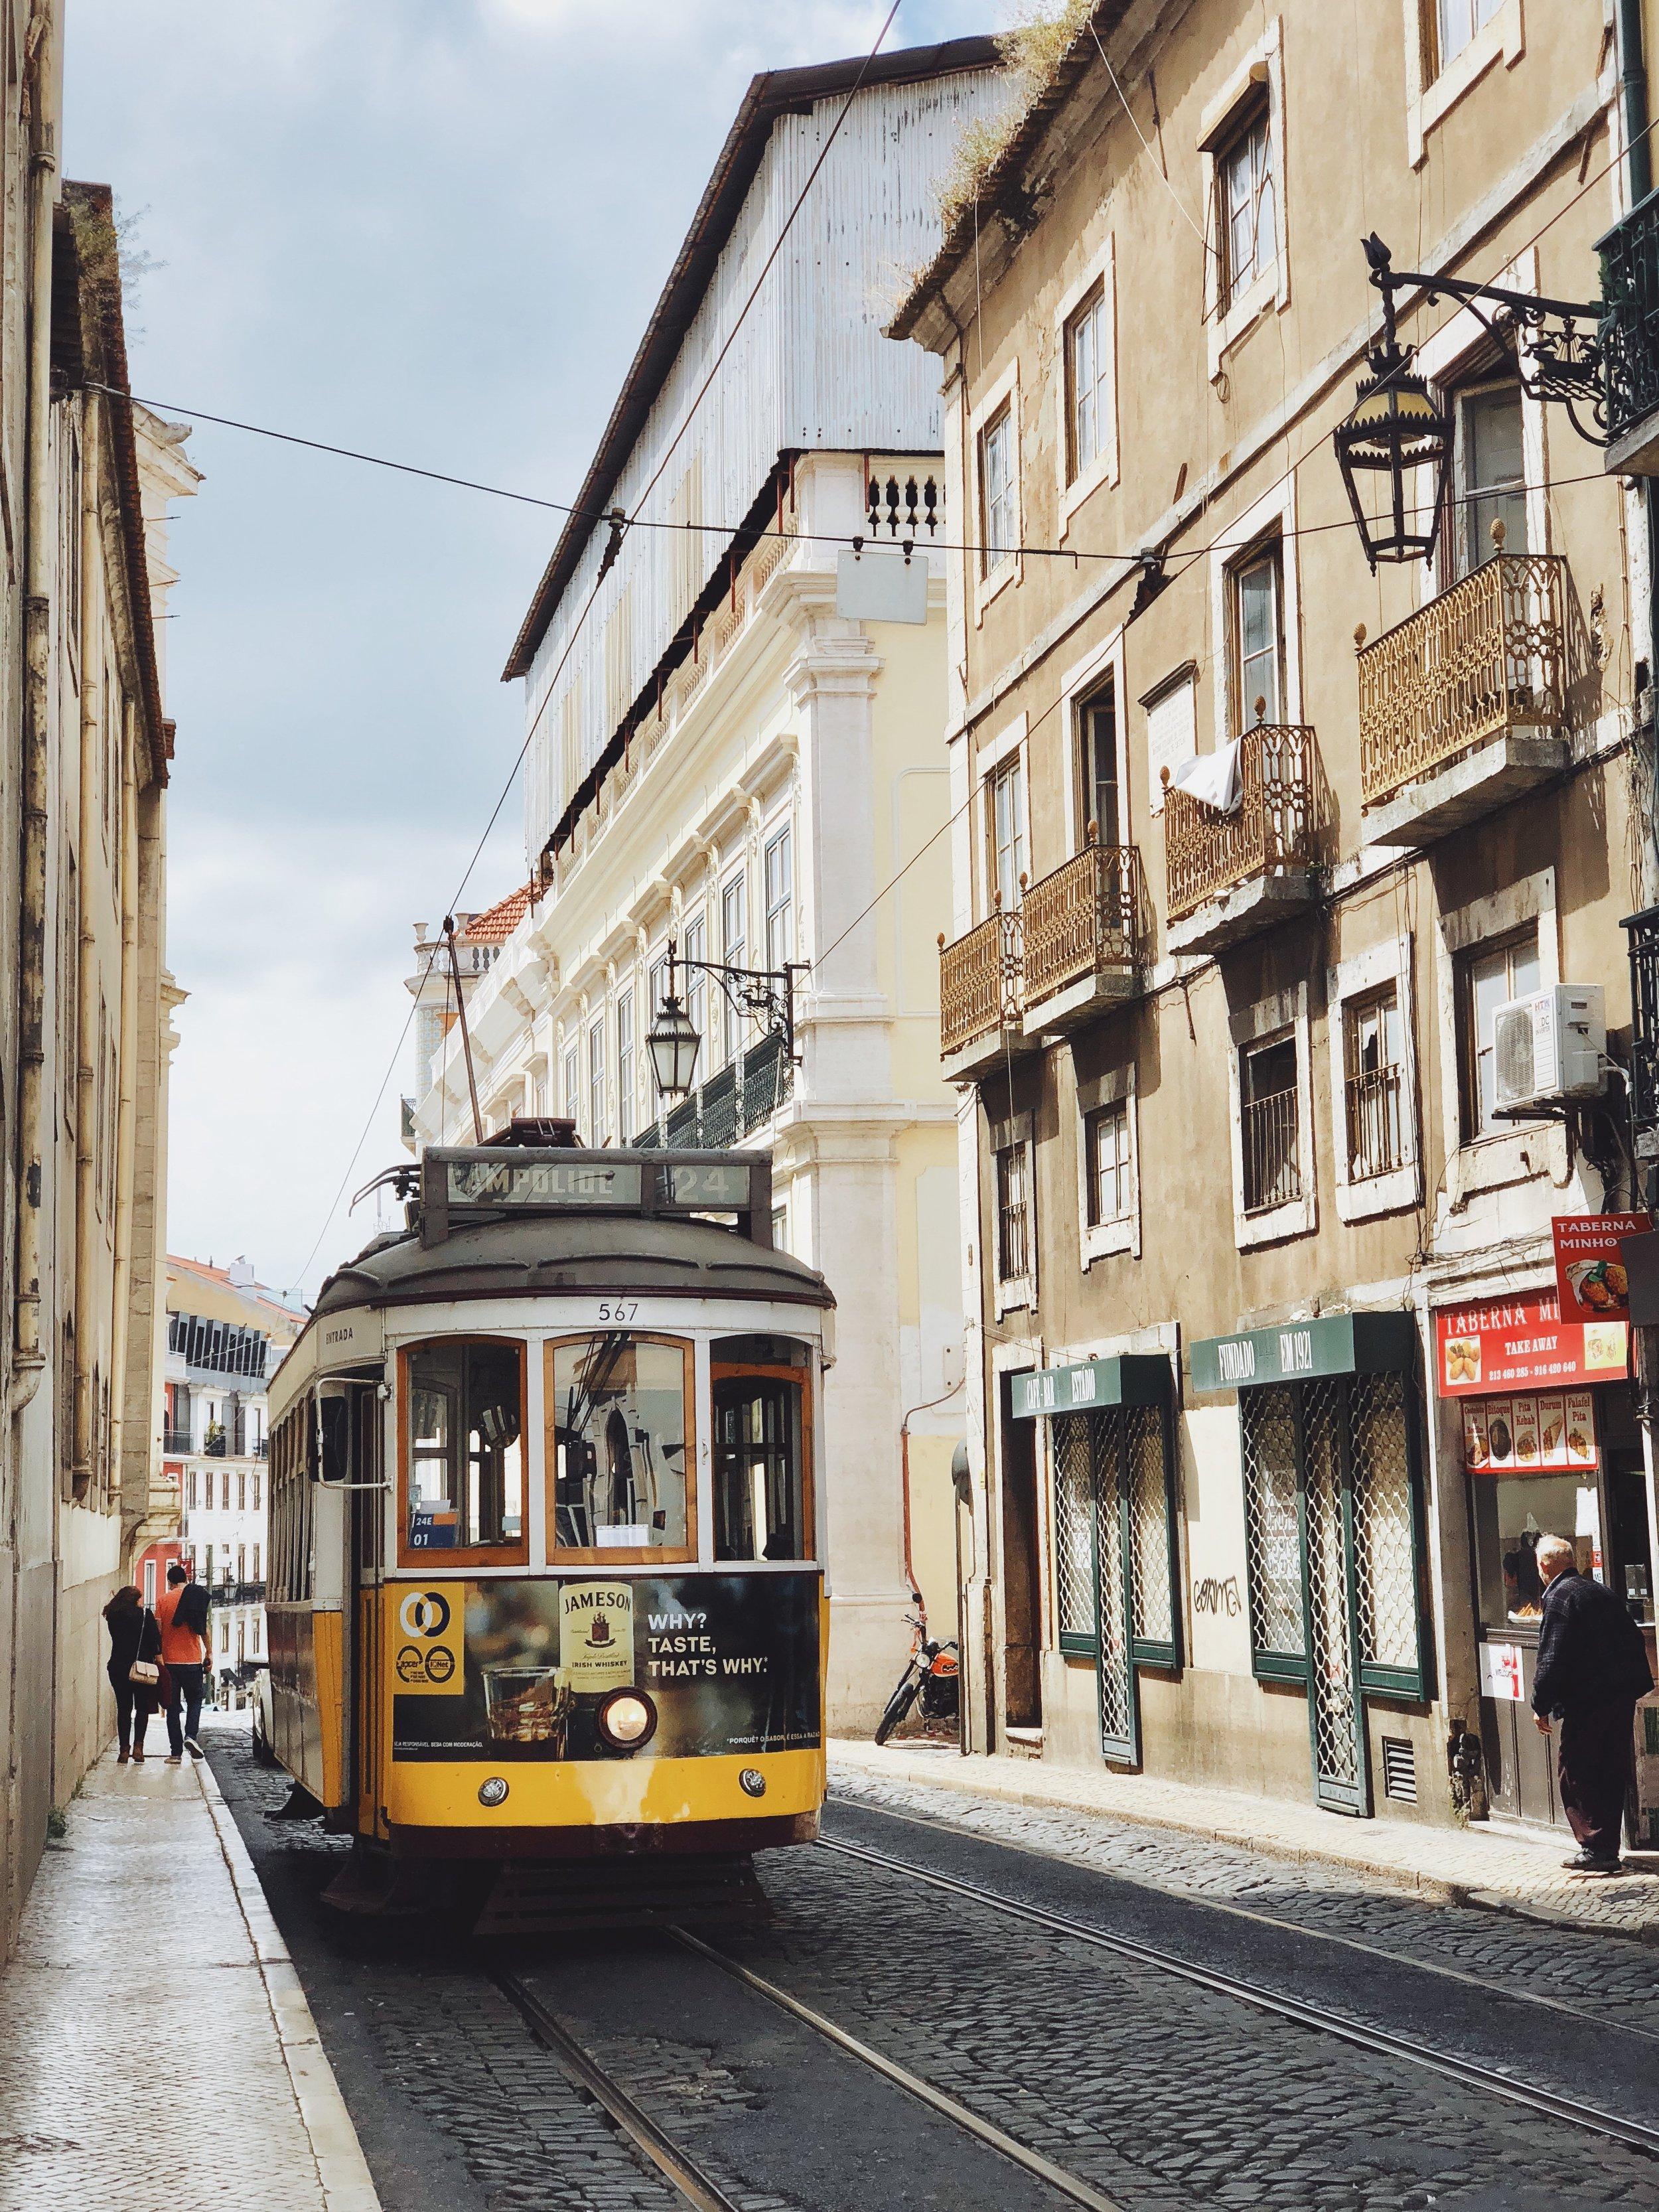 Lisboa, Portugal - La capital lusa no solo es una de las ciudades más espectaculares y hermosas de Europa, también es una de las más económicas. Aquí podrás conseguir apartamentos o cuartos de hotel por menos de $150 la noche aptos para hospedar a varias personas. En Lisboa podrás conocer en restaurantes de renombre mundial por mucho menos de lo que pagarías en ciudades como Nueva York o Londres. Es muy fácil moverse a ciudades cercanas como Sintra y Cascais.